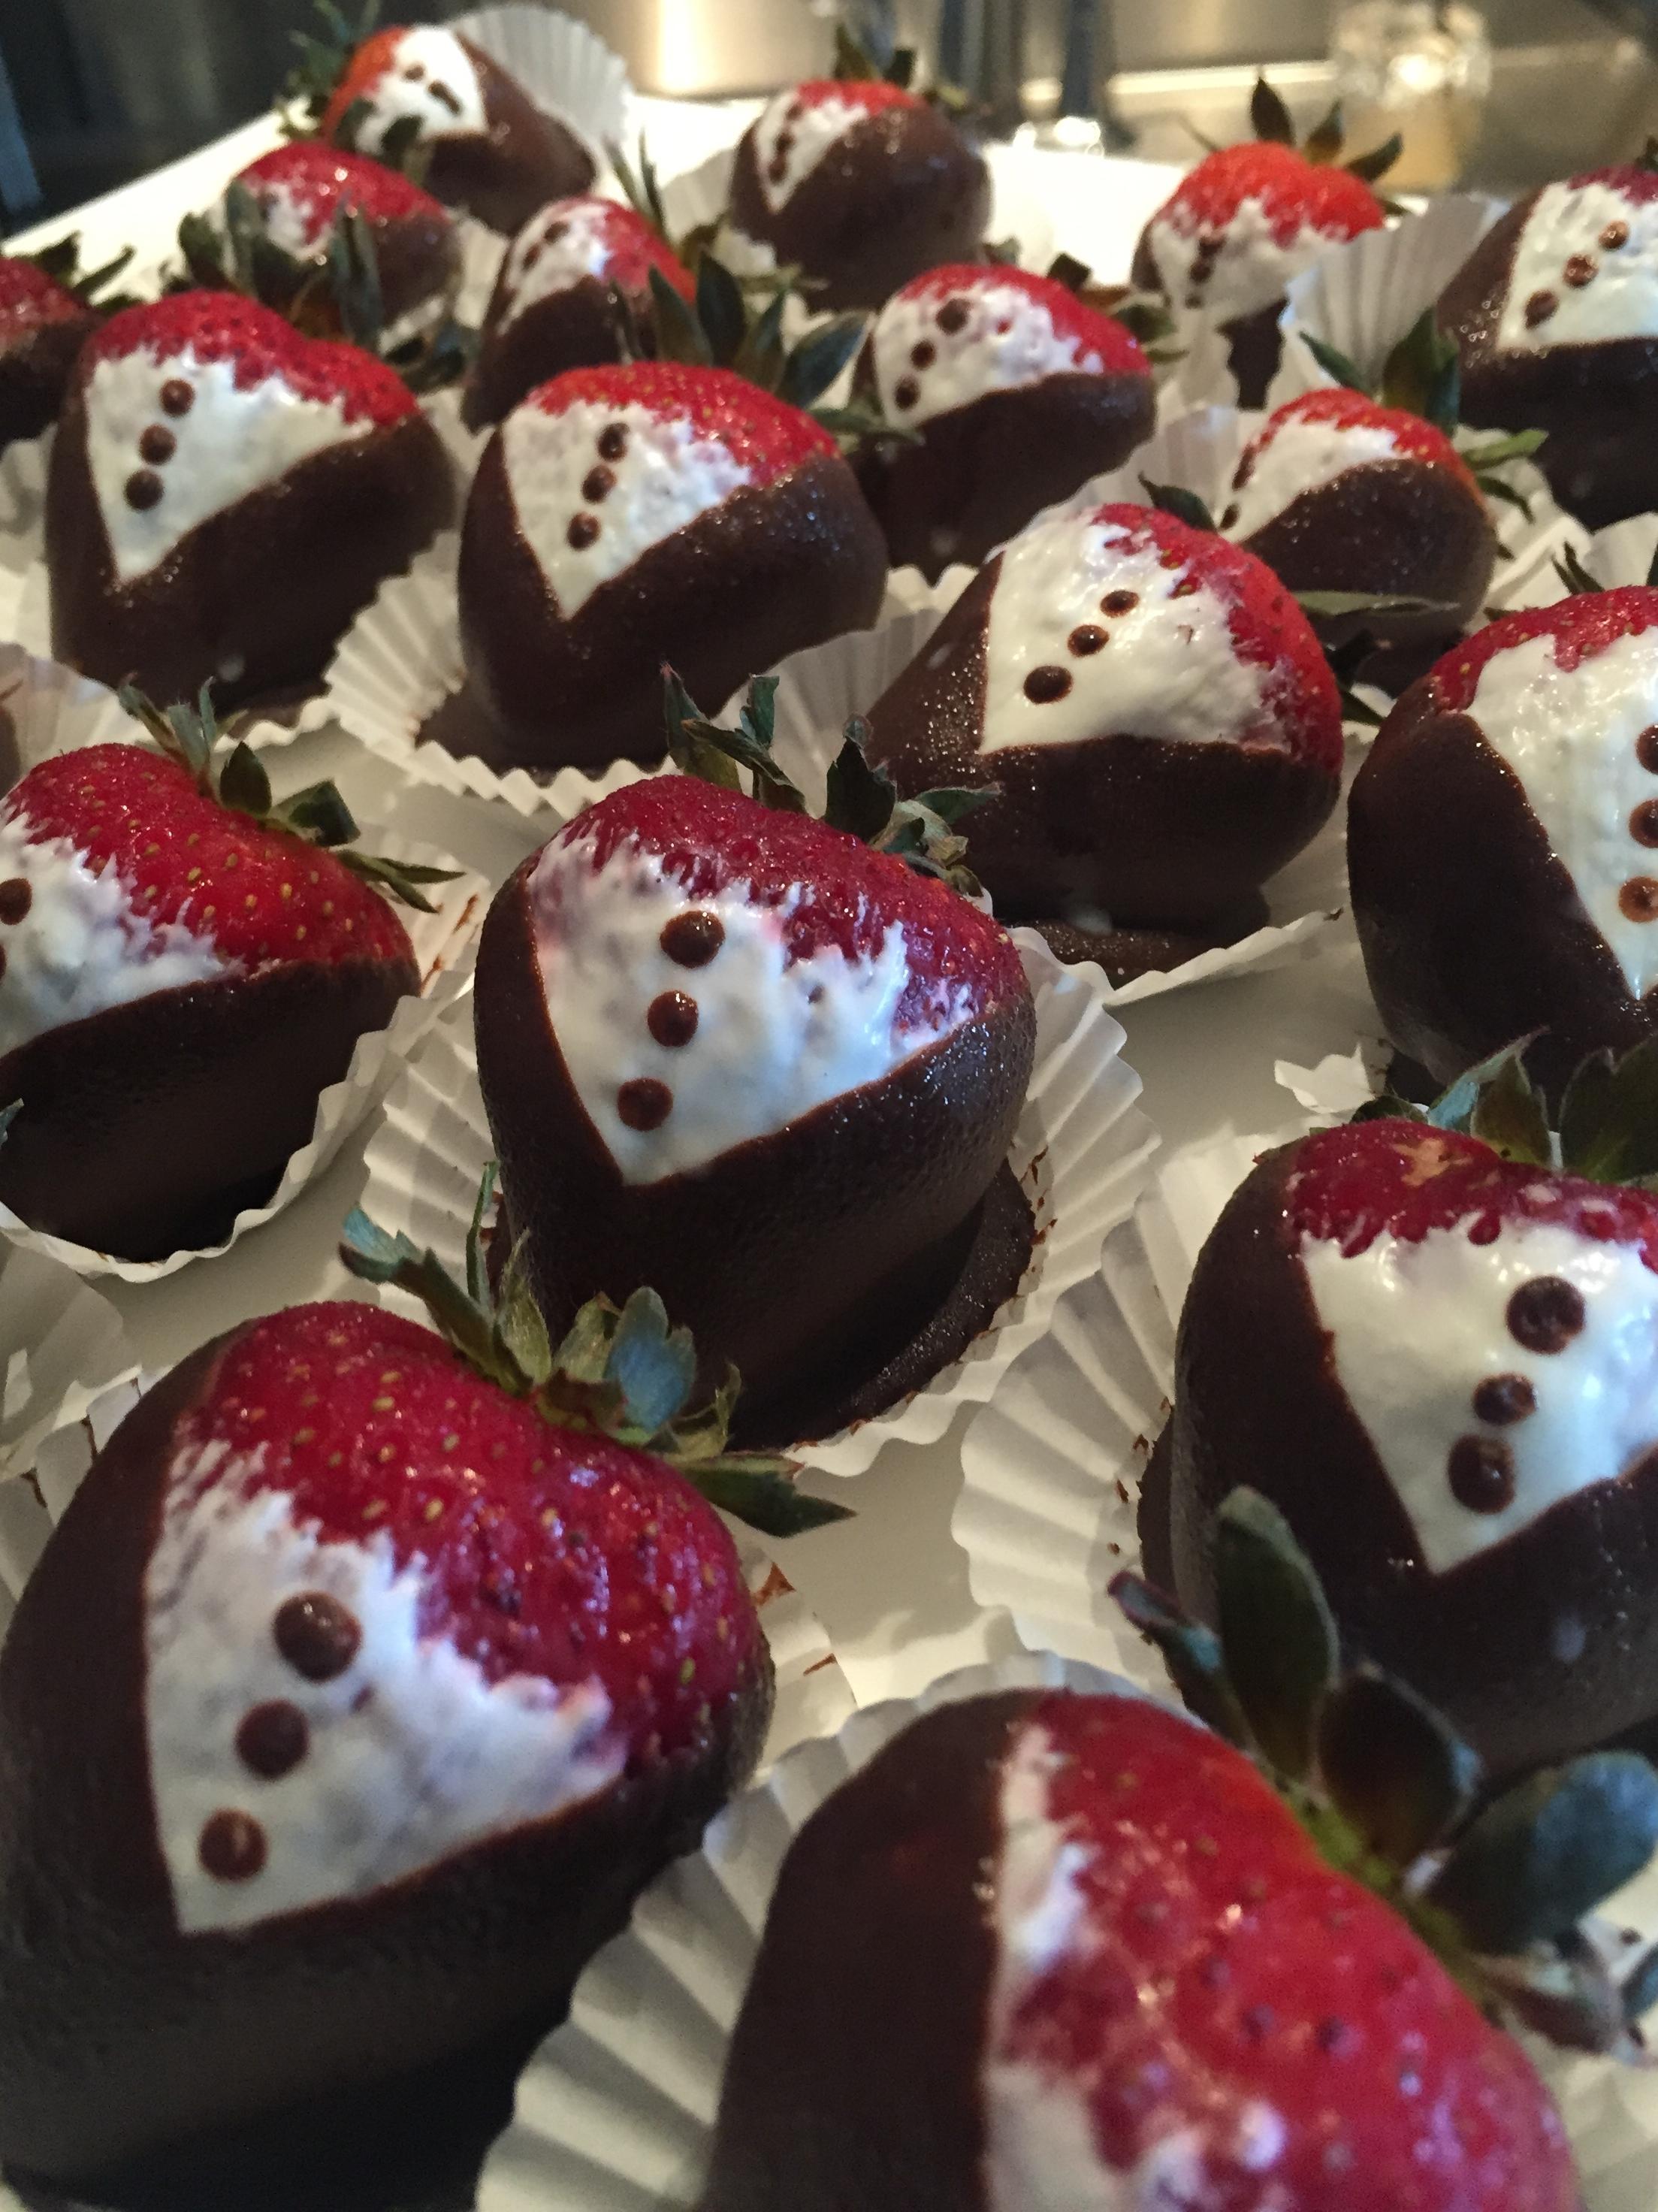 tuxedostrawberries2.JPG